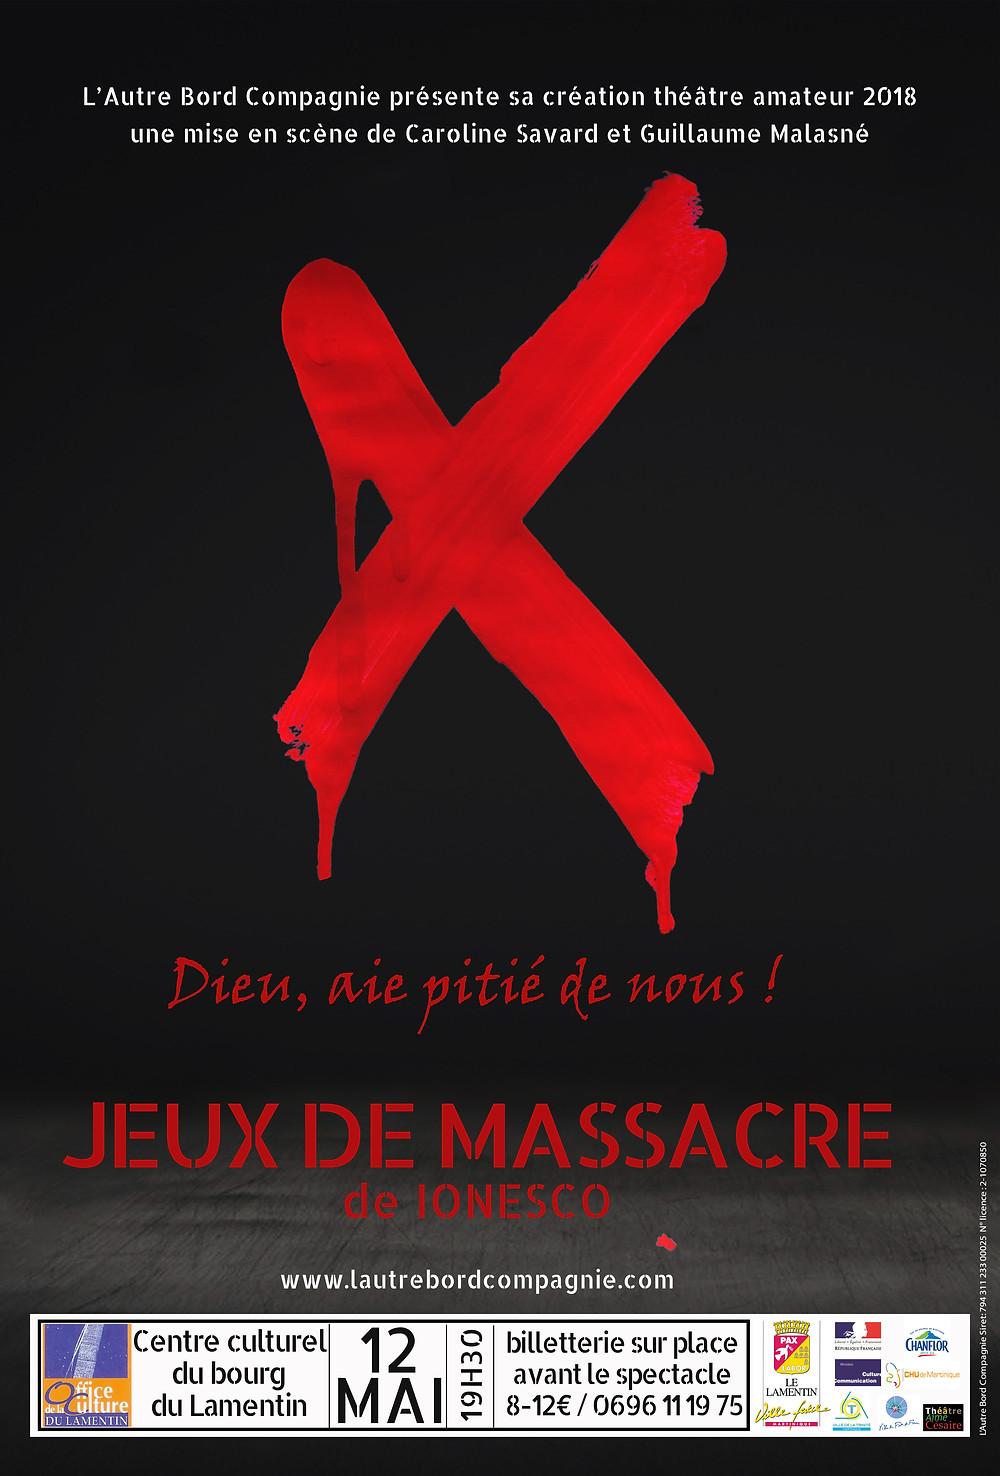 jeux de massacre